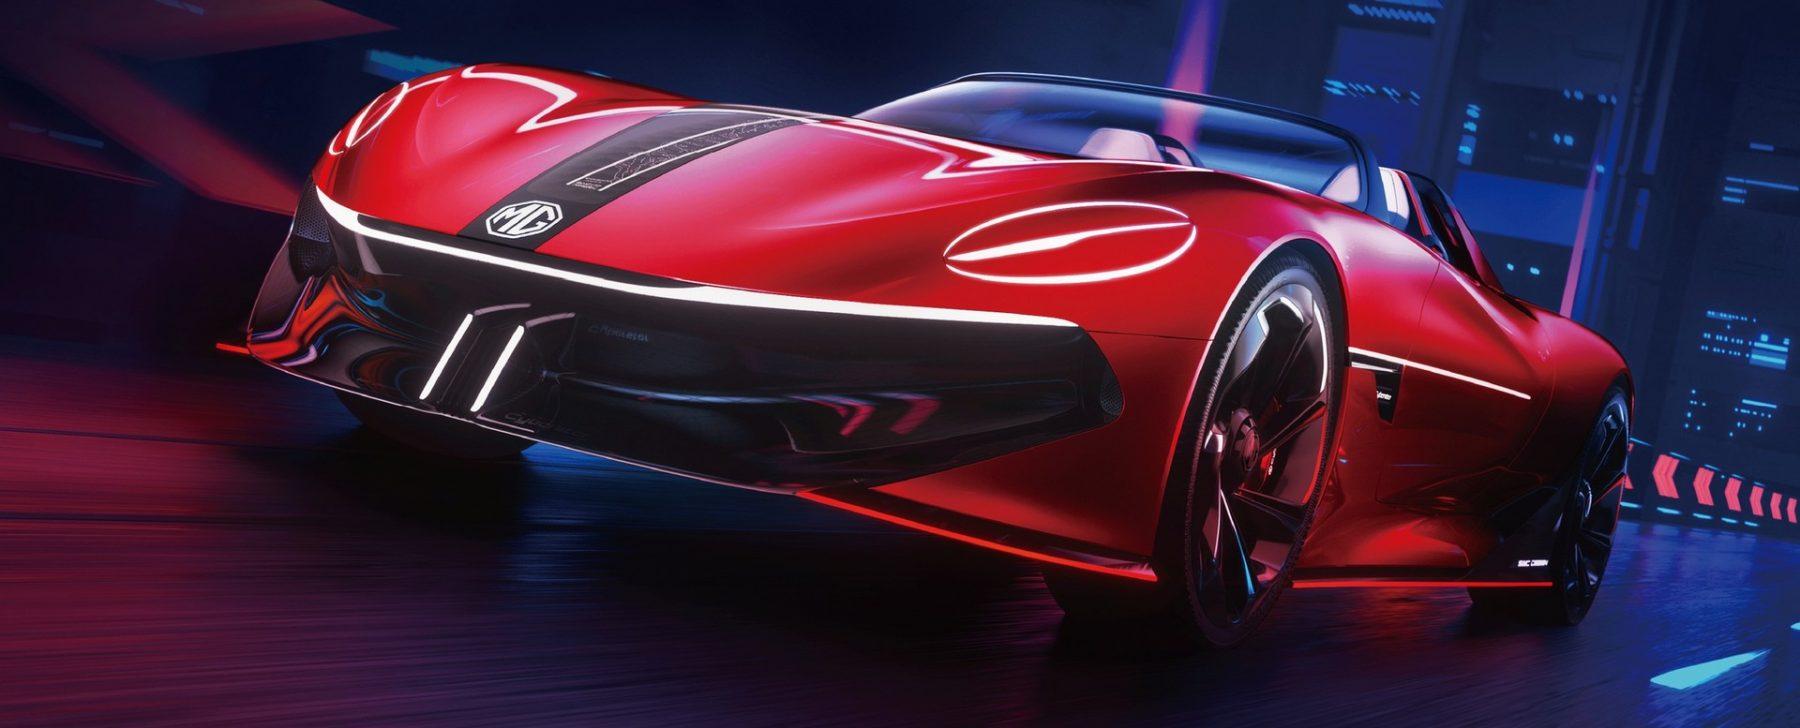 MG Cyberster Concept, una mirada eléctrica al futuro